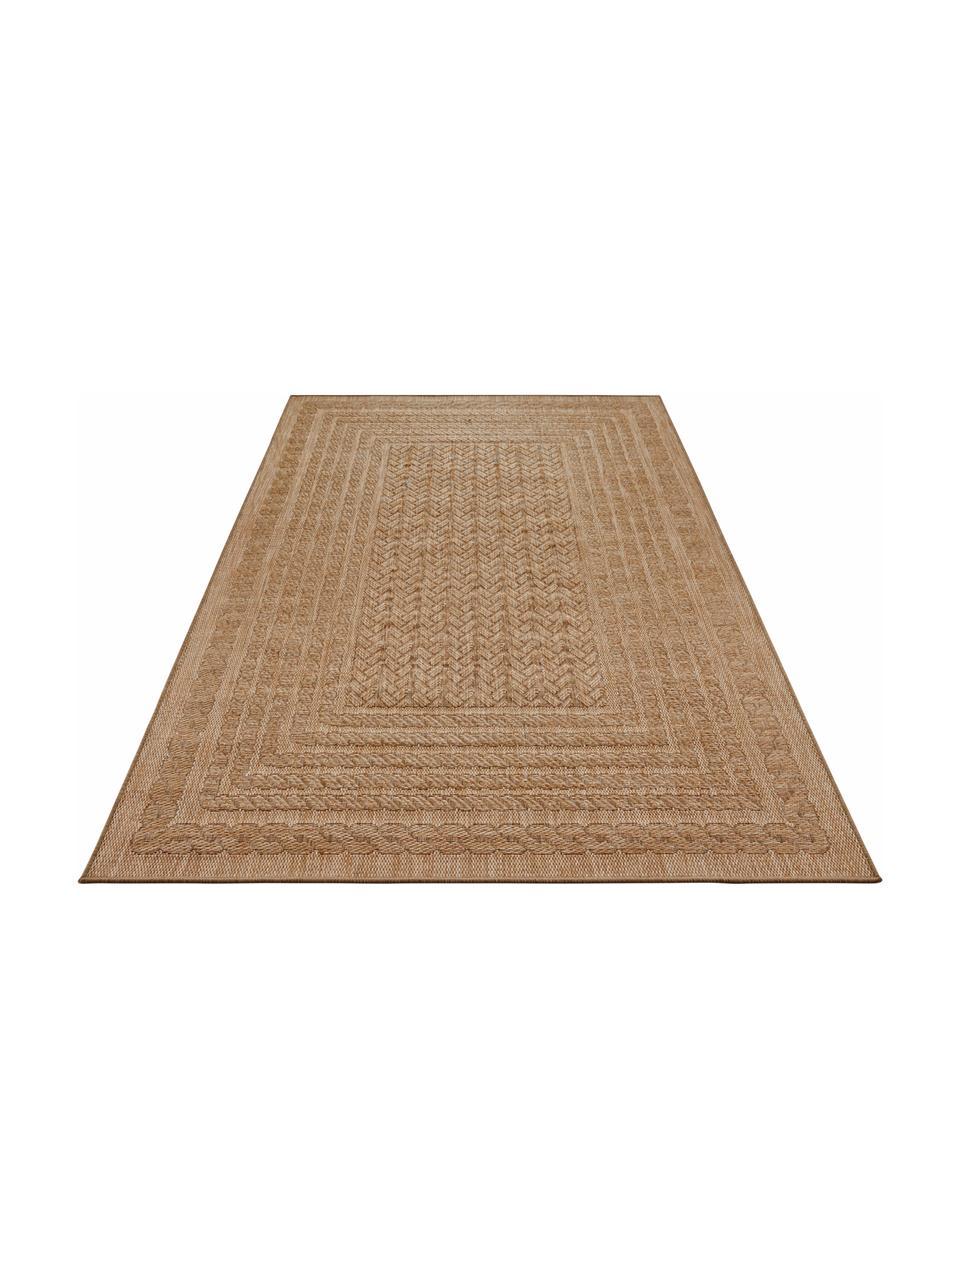 In- & Outdoor-Teppich Limonero in Jute Optik, 100% Polypropylen, Beige, Braun, B 200 x L 290 cm (Größe L)